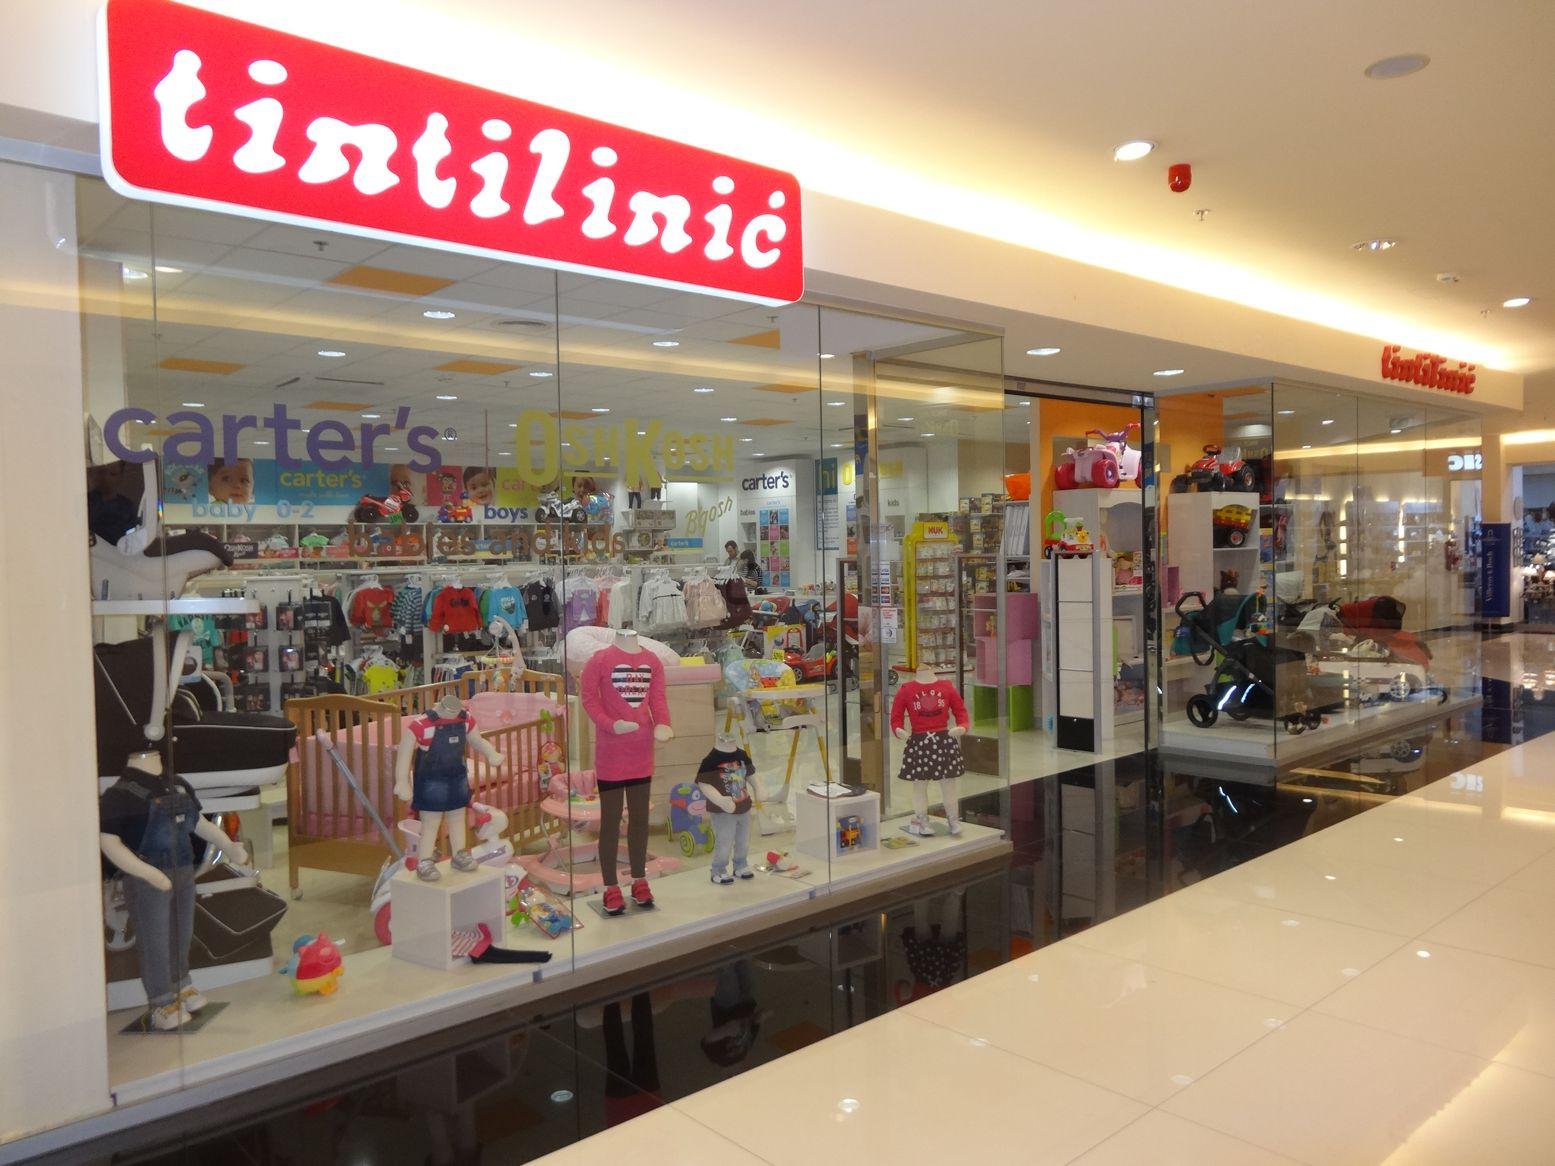 Tintilinic / Karaka Promet d.o.o.